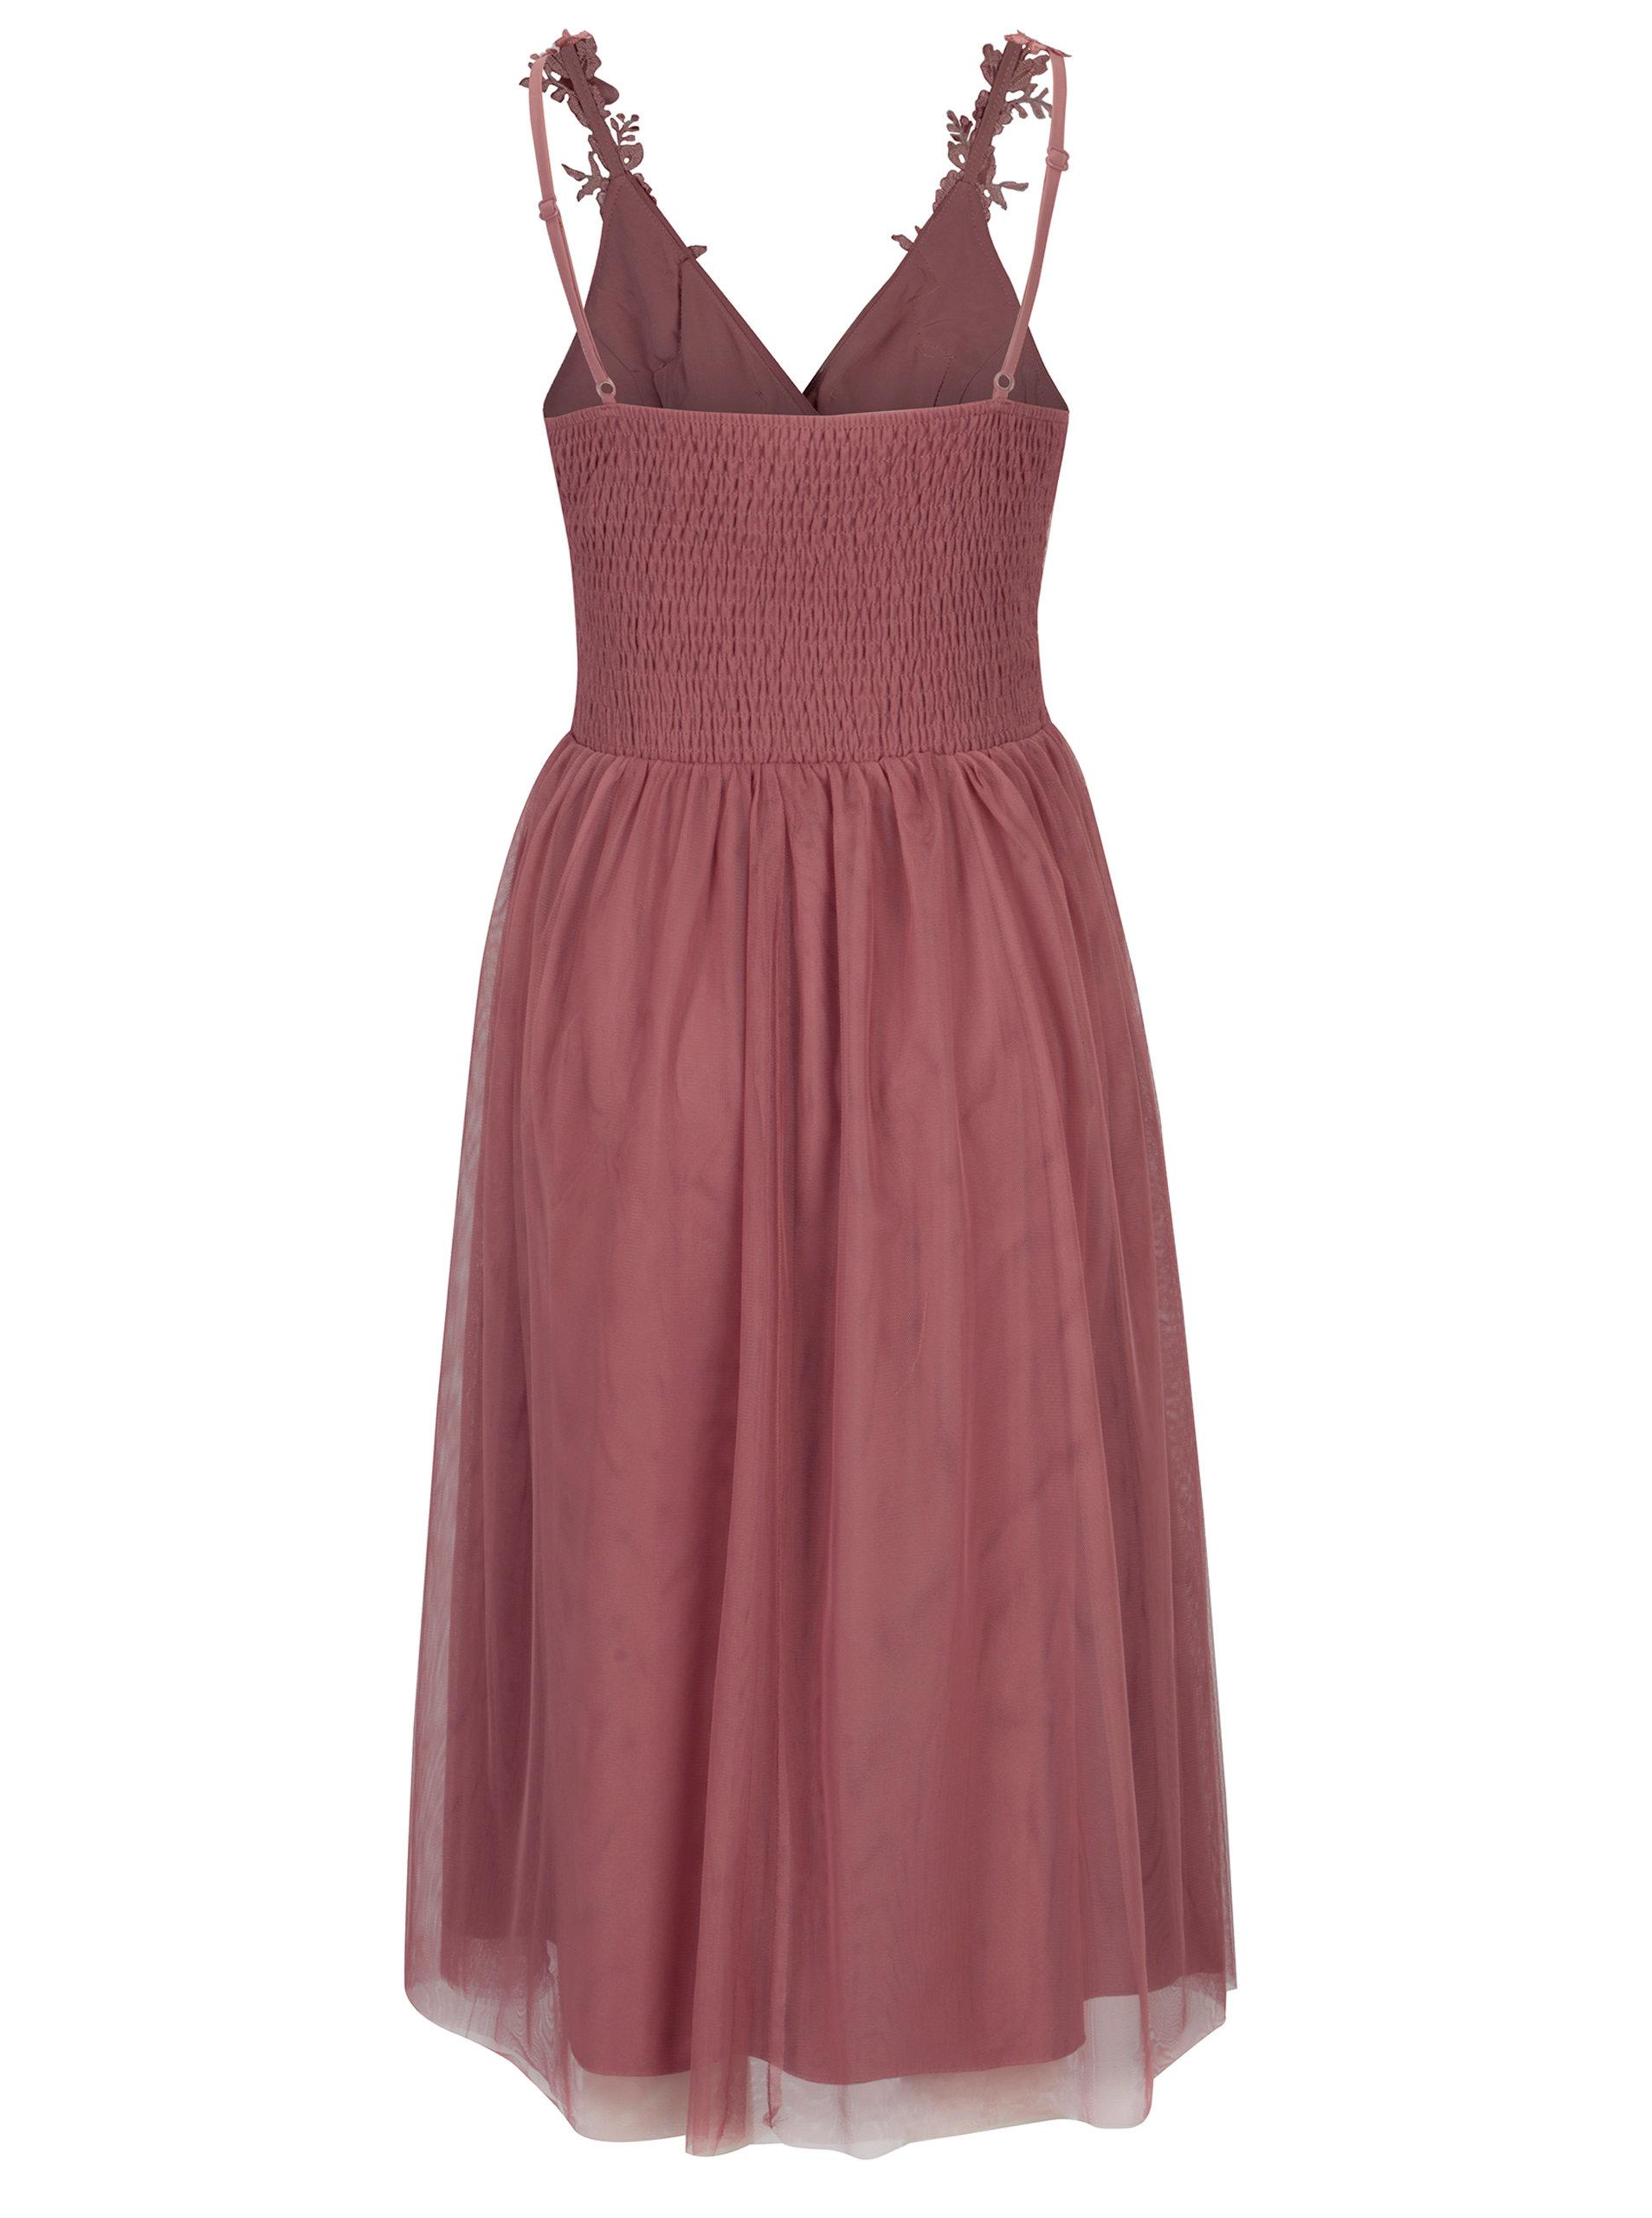 2bc489dd63f Růžové šaty s překládaným výstřihem Little Mistress ...